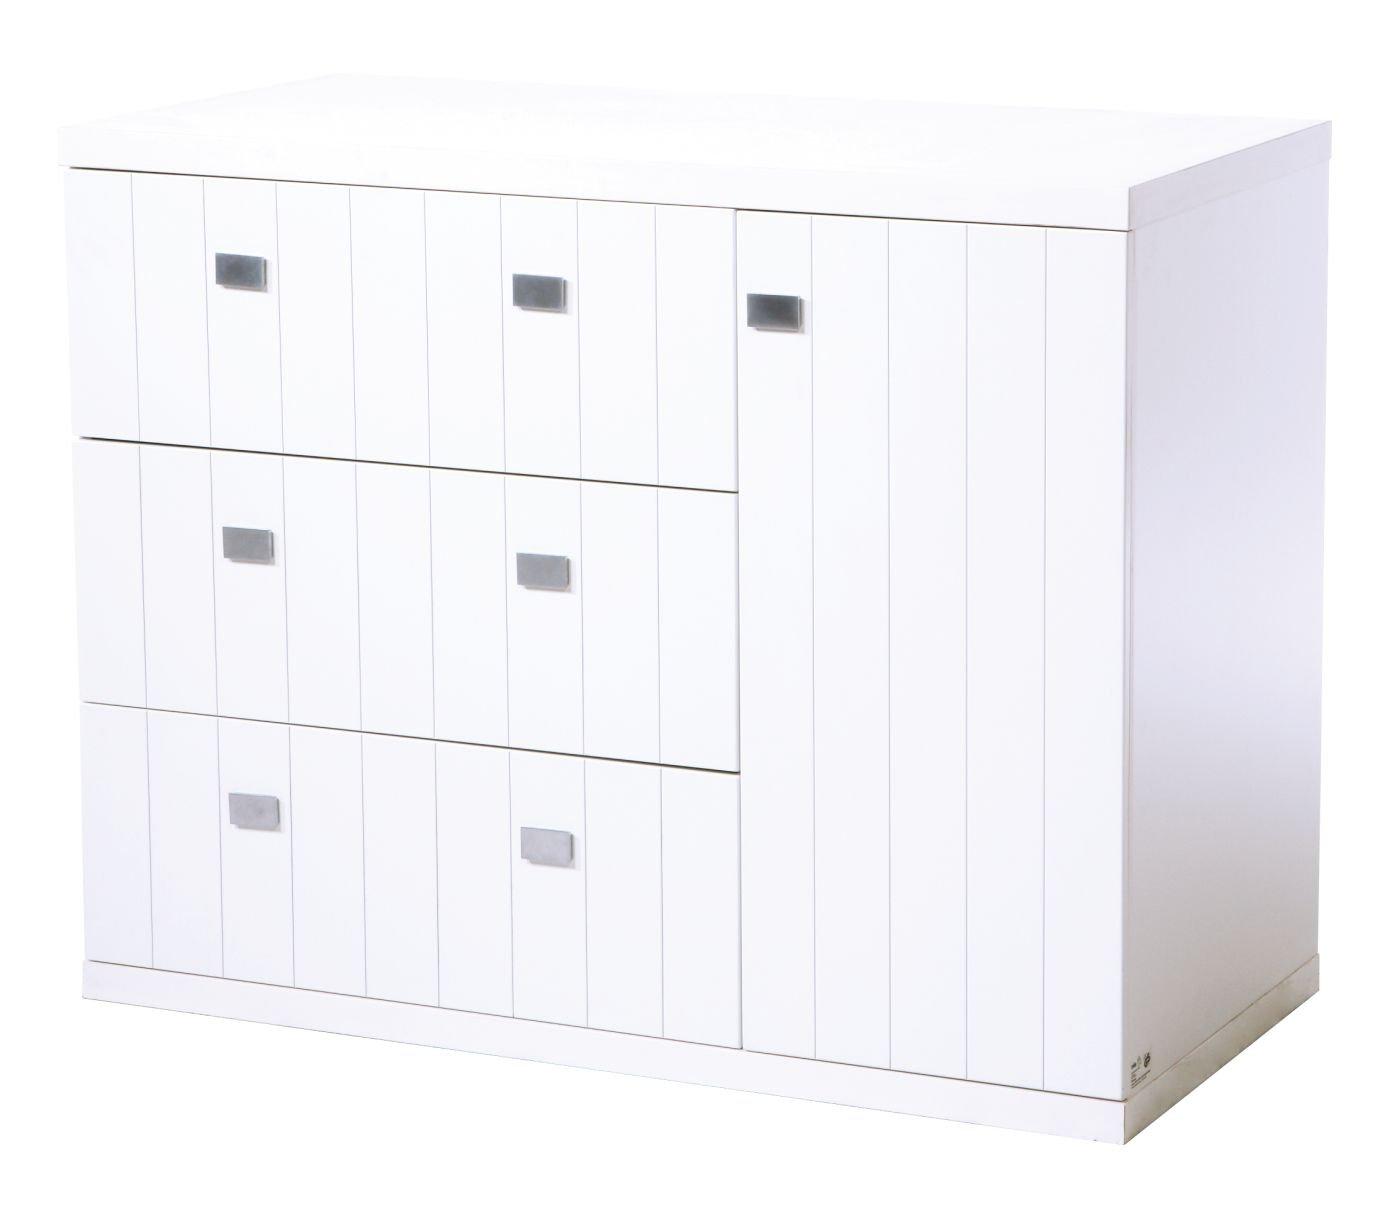 Roba Multistar Kommode mit 1 Tür, 3 Schubladen und 2 Böden in weiss